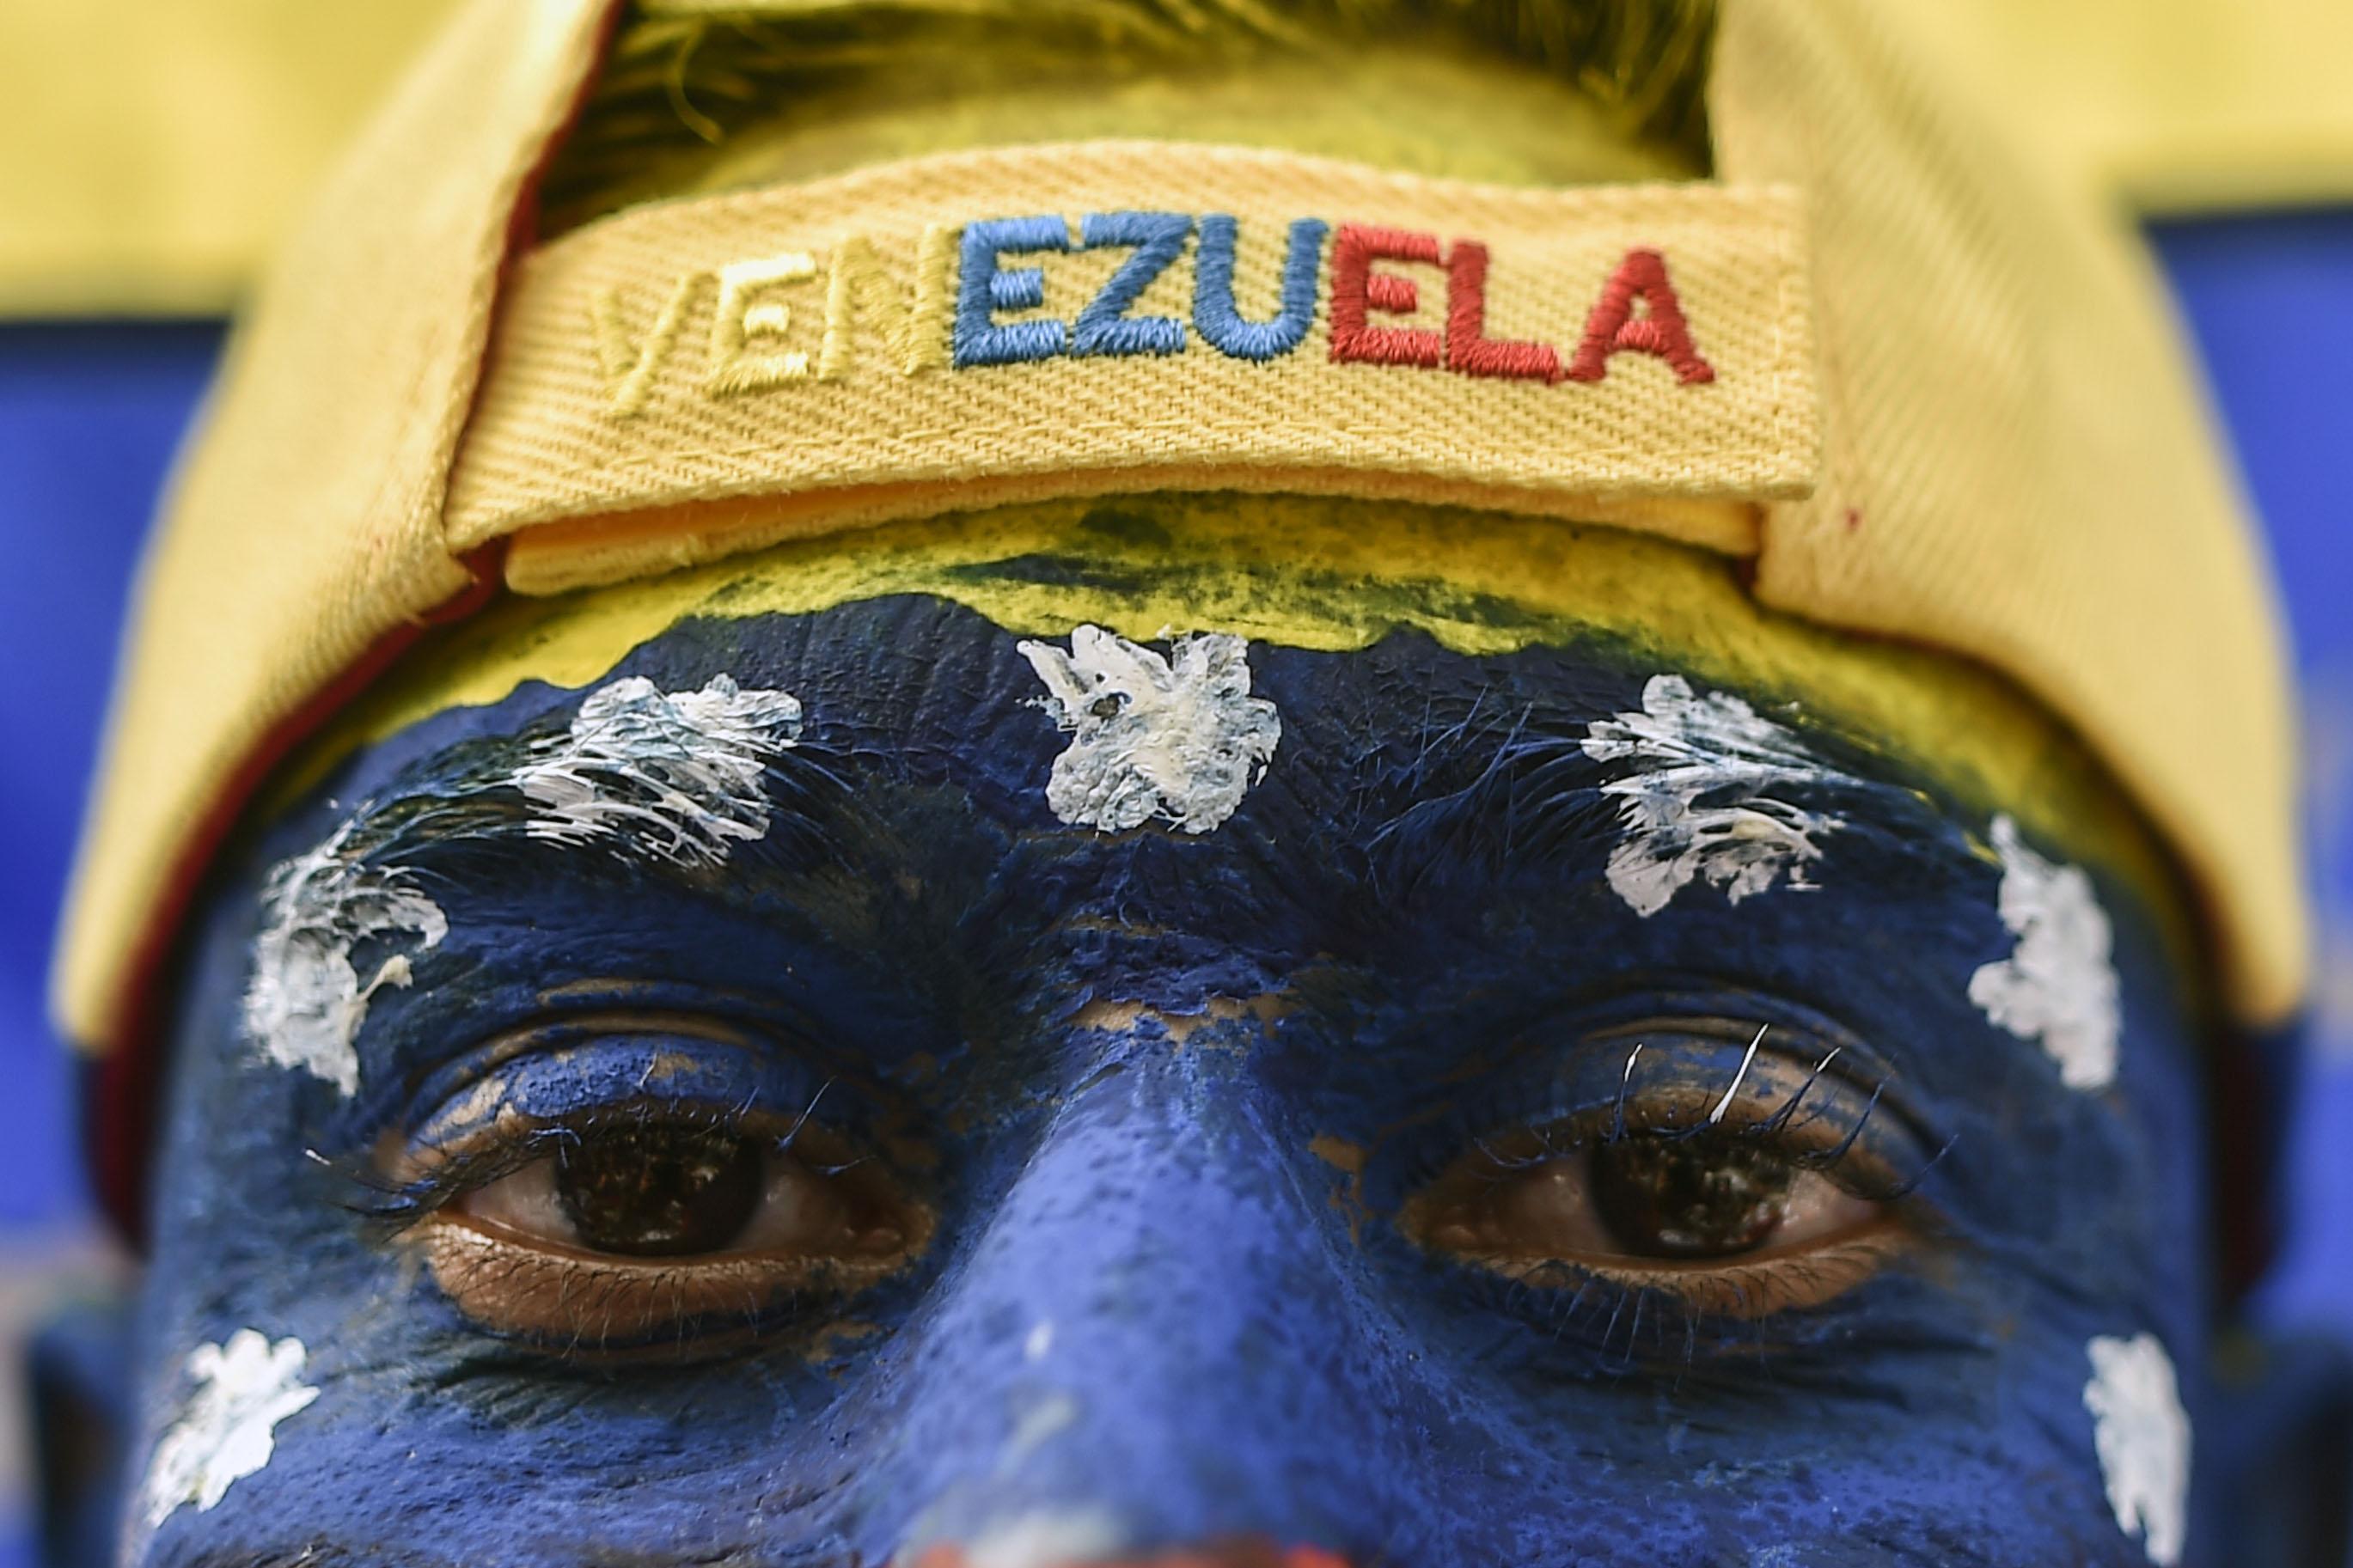 """Un hombre con la cara pintada con los colores nacionales de Venezuela, asiste al concierto """"Venezuela Aid Live"""" en el Puente Internacional Tienditas en Cúcuta, Colombia, el 22 de febrero de 2019. (AFP)"""